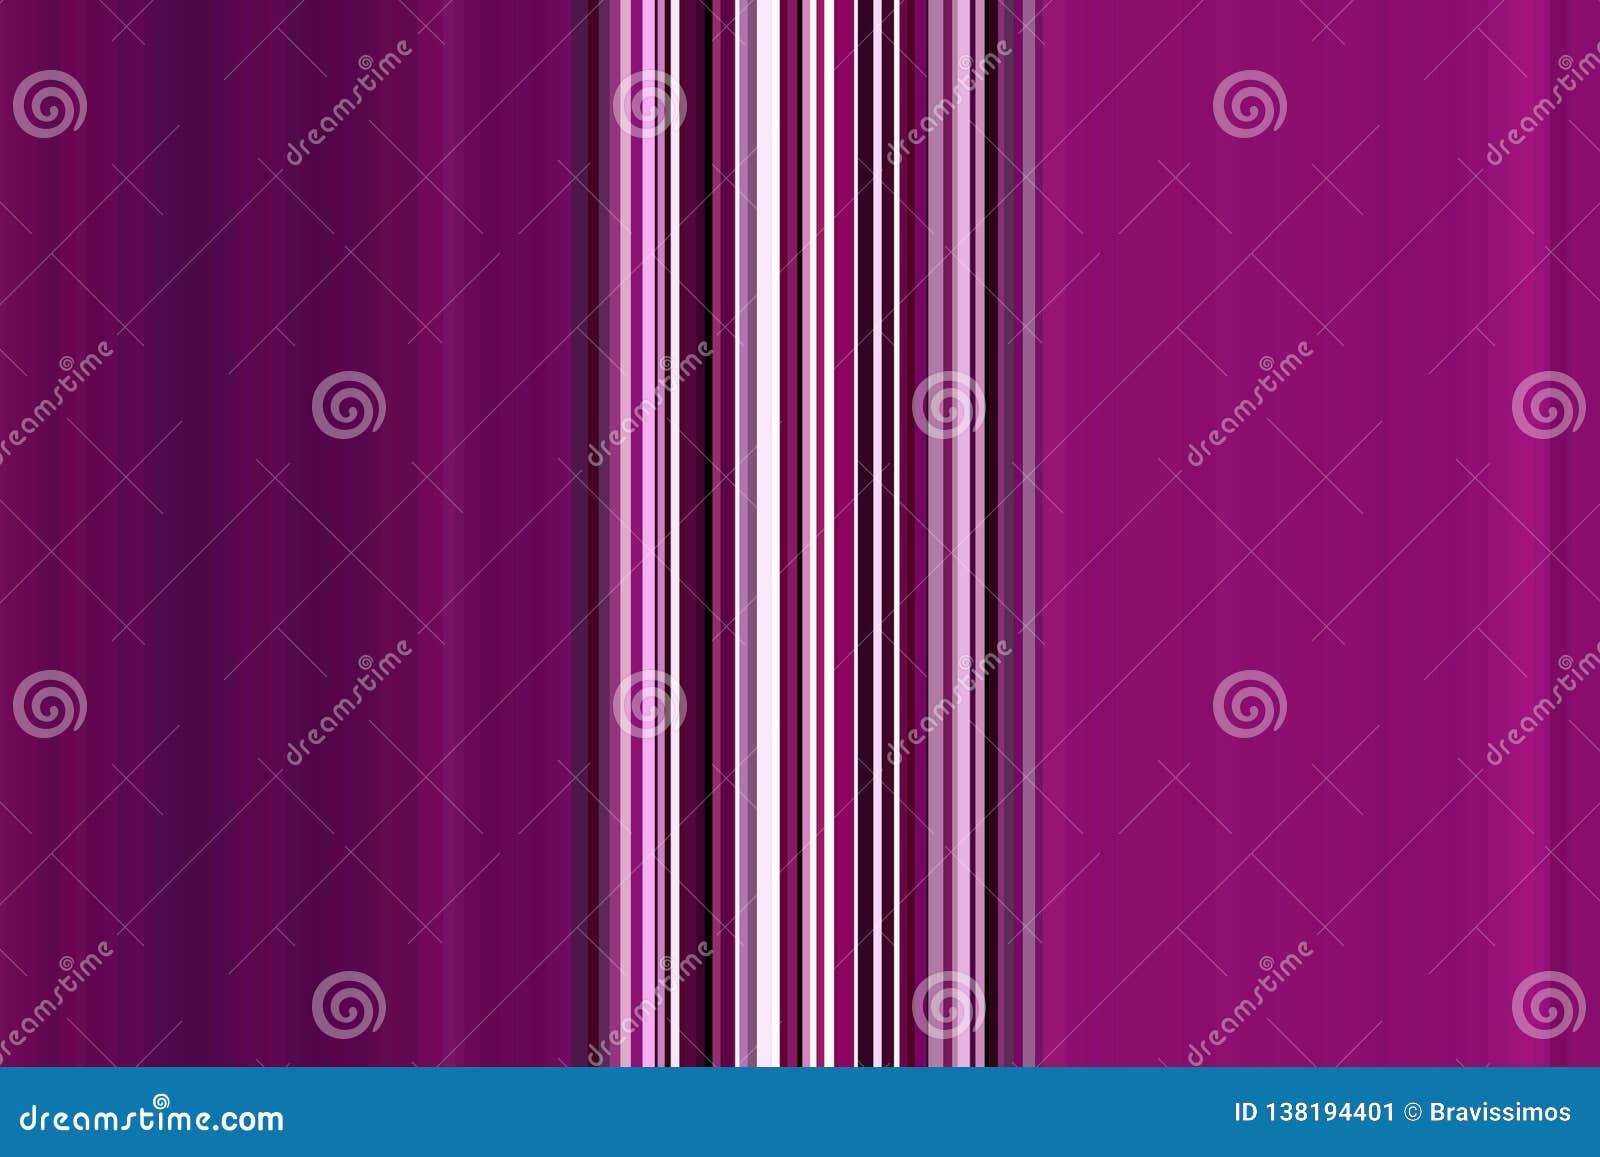 Пурпуровая предпосылка Картина дизайна искусства Иллюстрация яркого блеска абстрактная с ярким дизайном градиента Красочные безшо